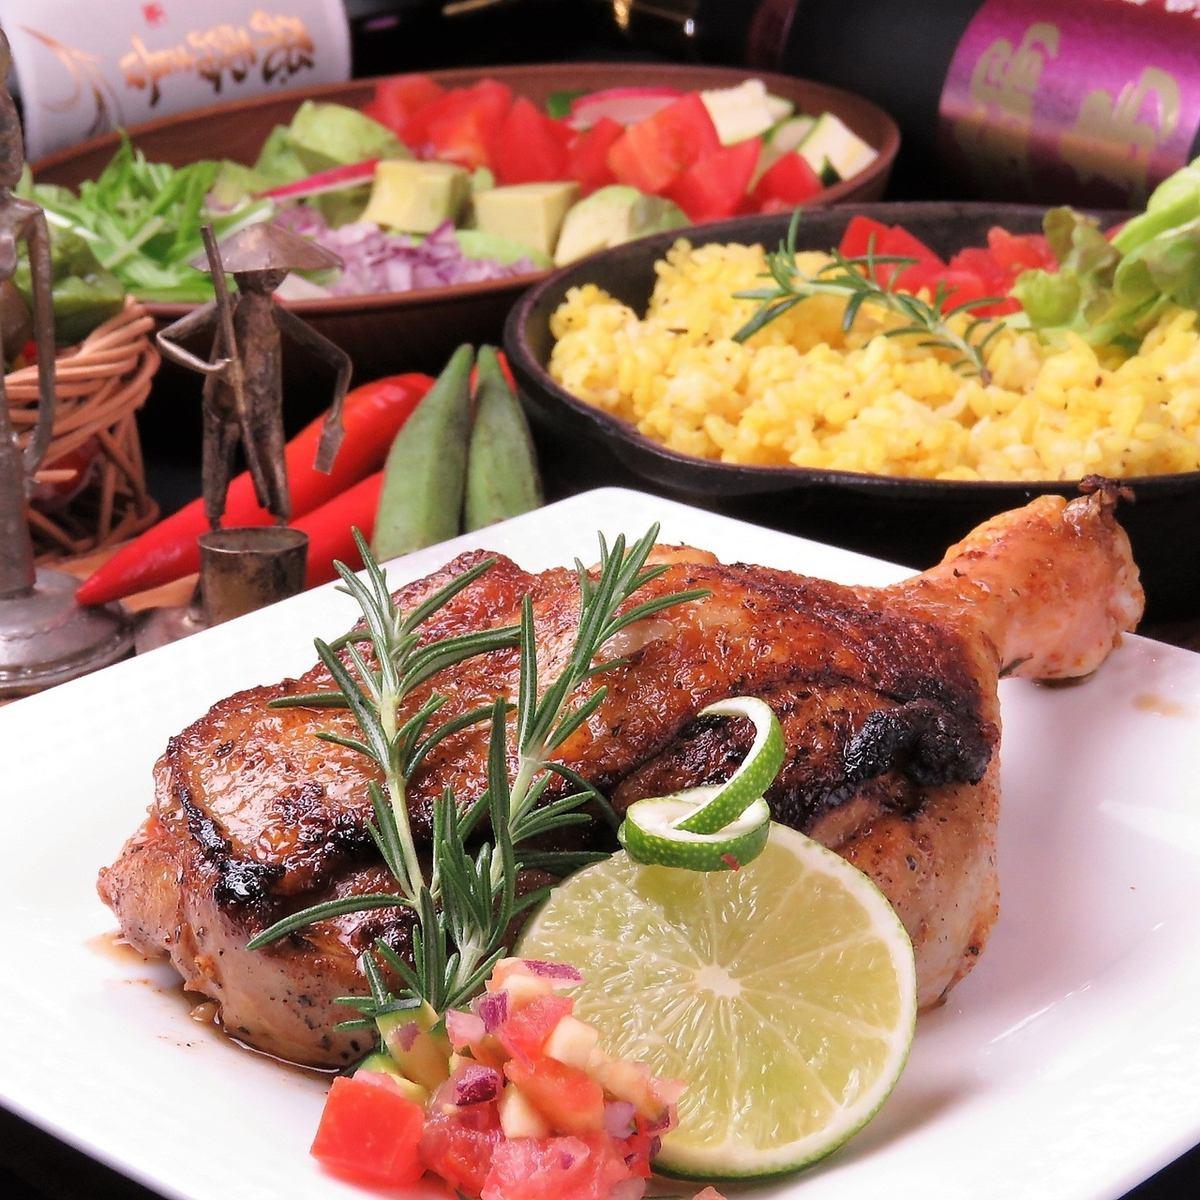 아프리카 요리를 일본으로 ♪ 맛있는 고기 요리를 다양하게 준비!